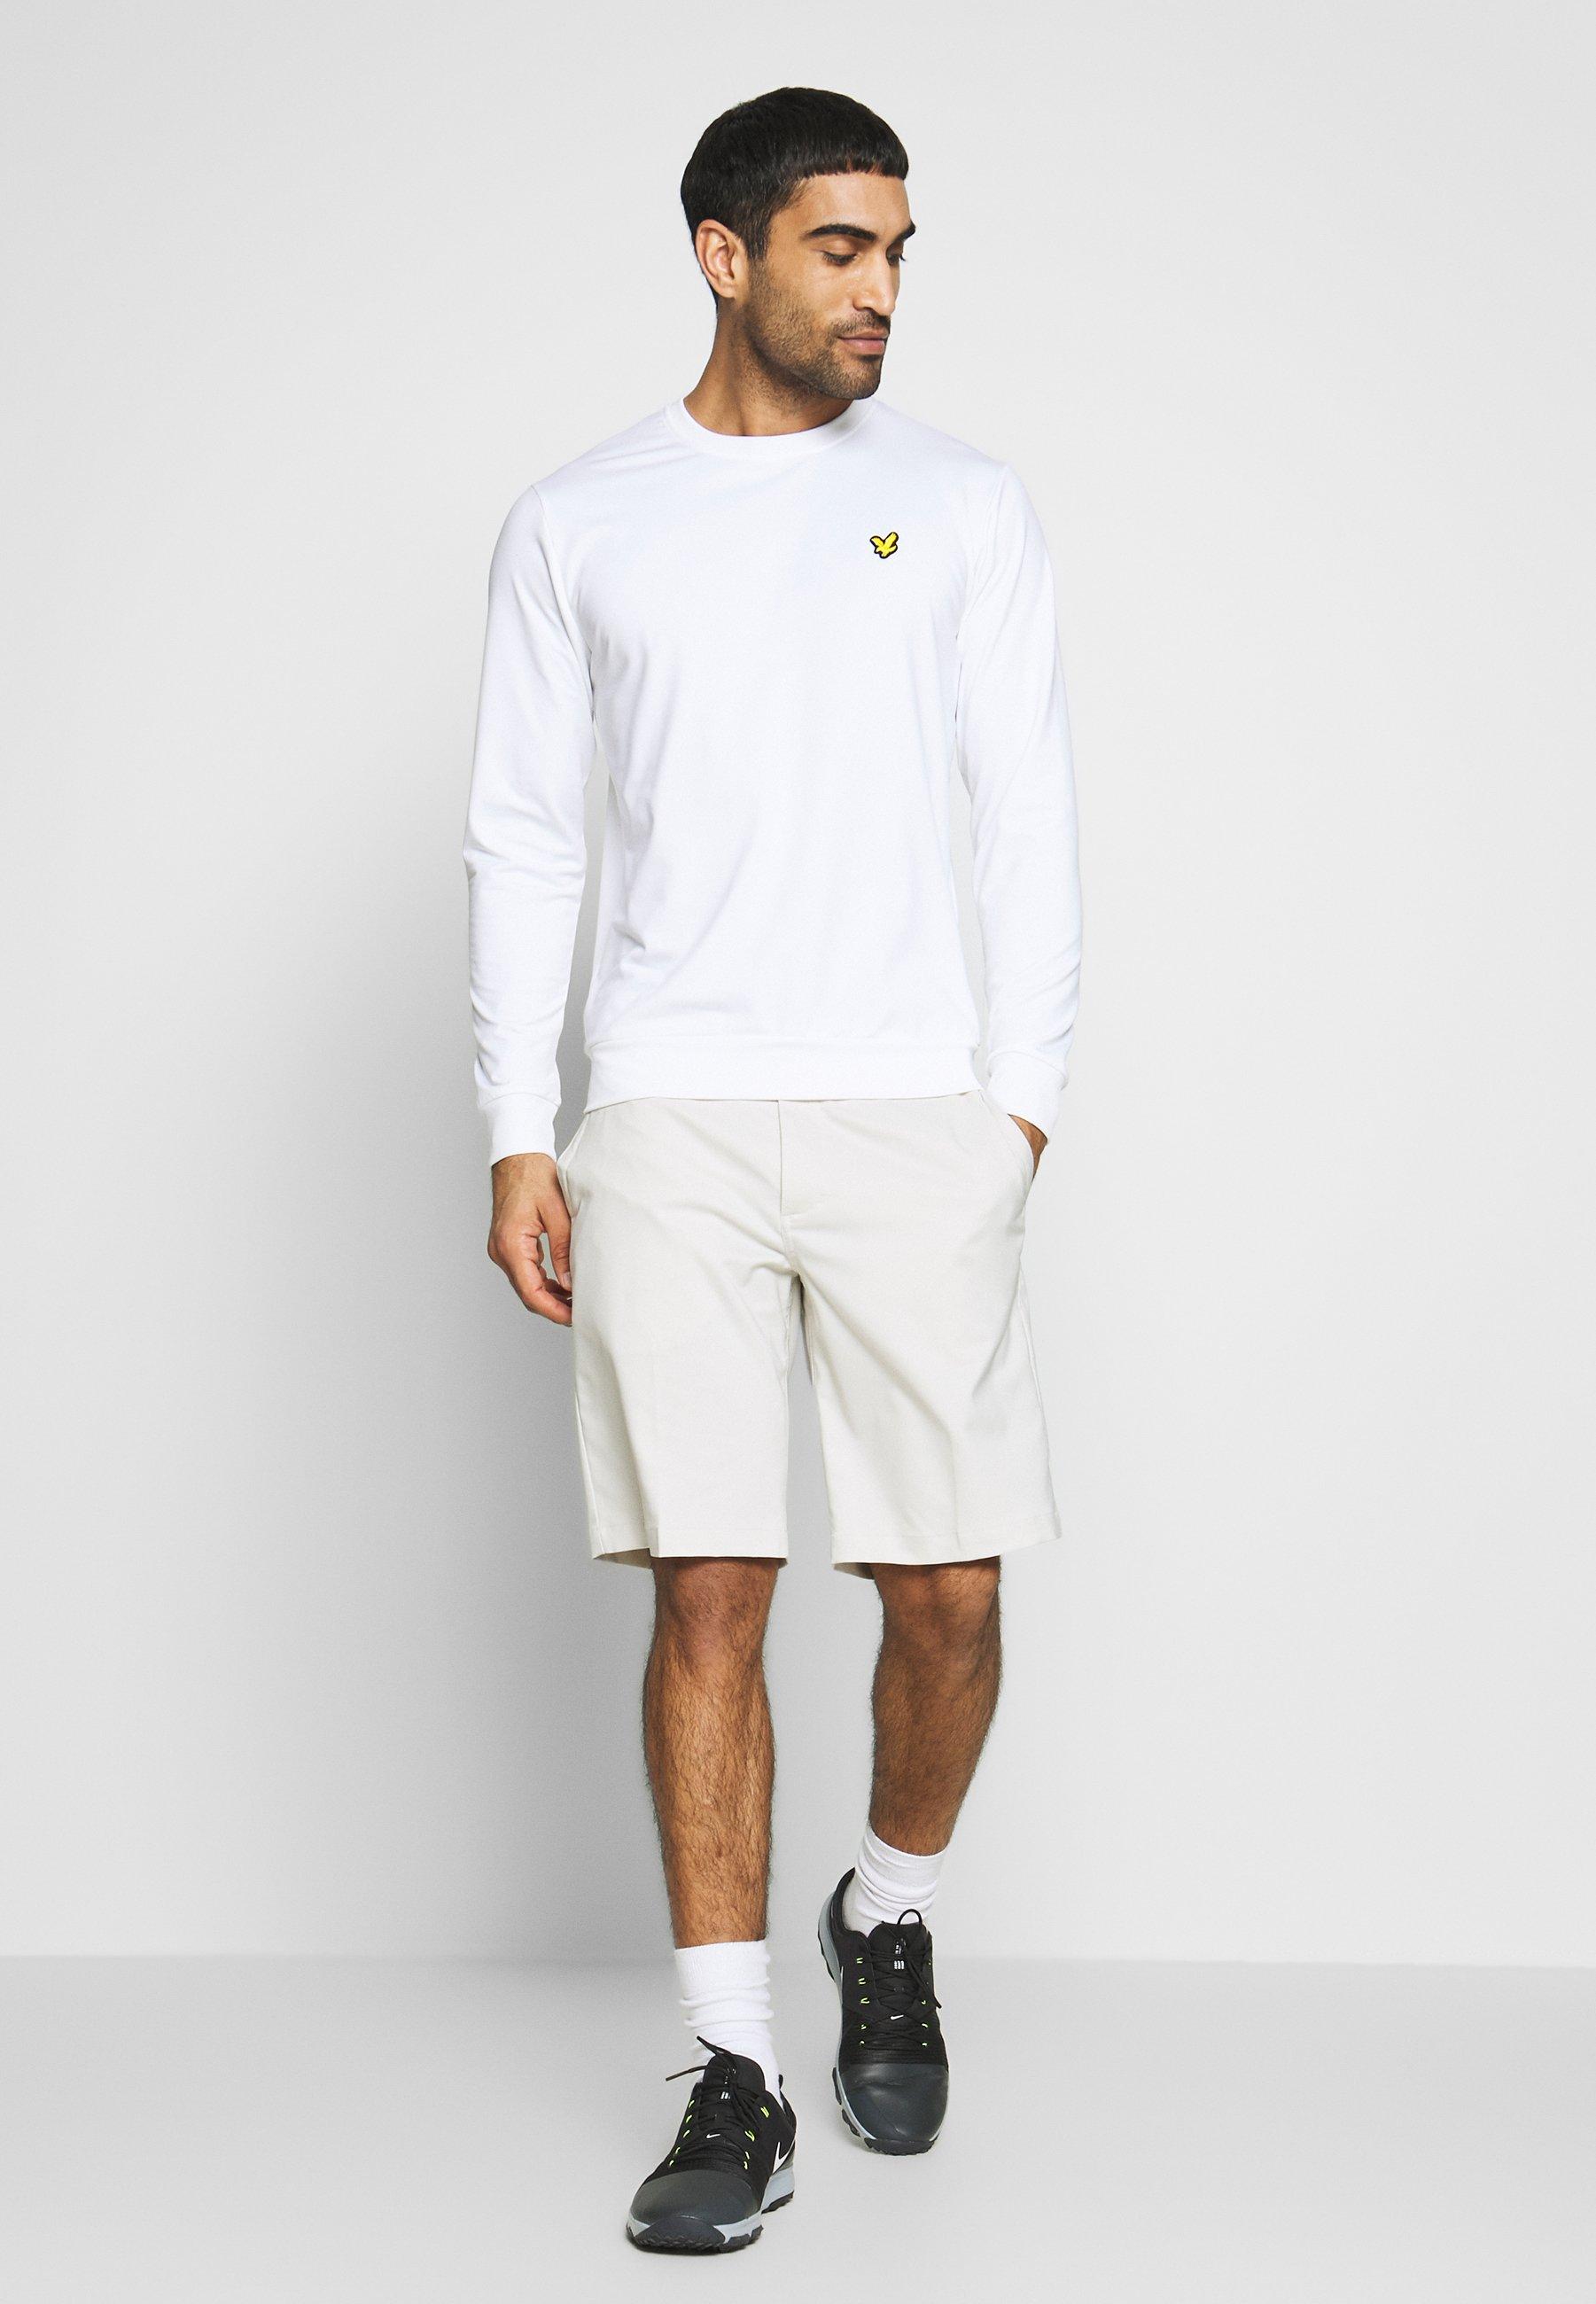 Lyle & Scott Golf Tech Crew Midlayer - Sweatshirts White